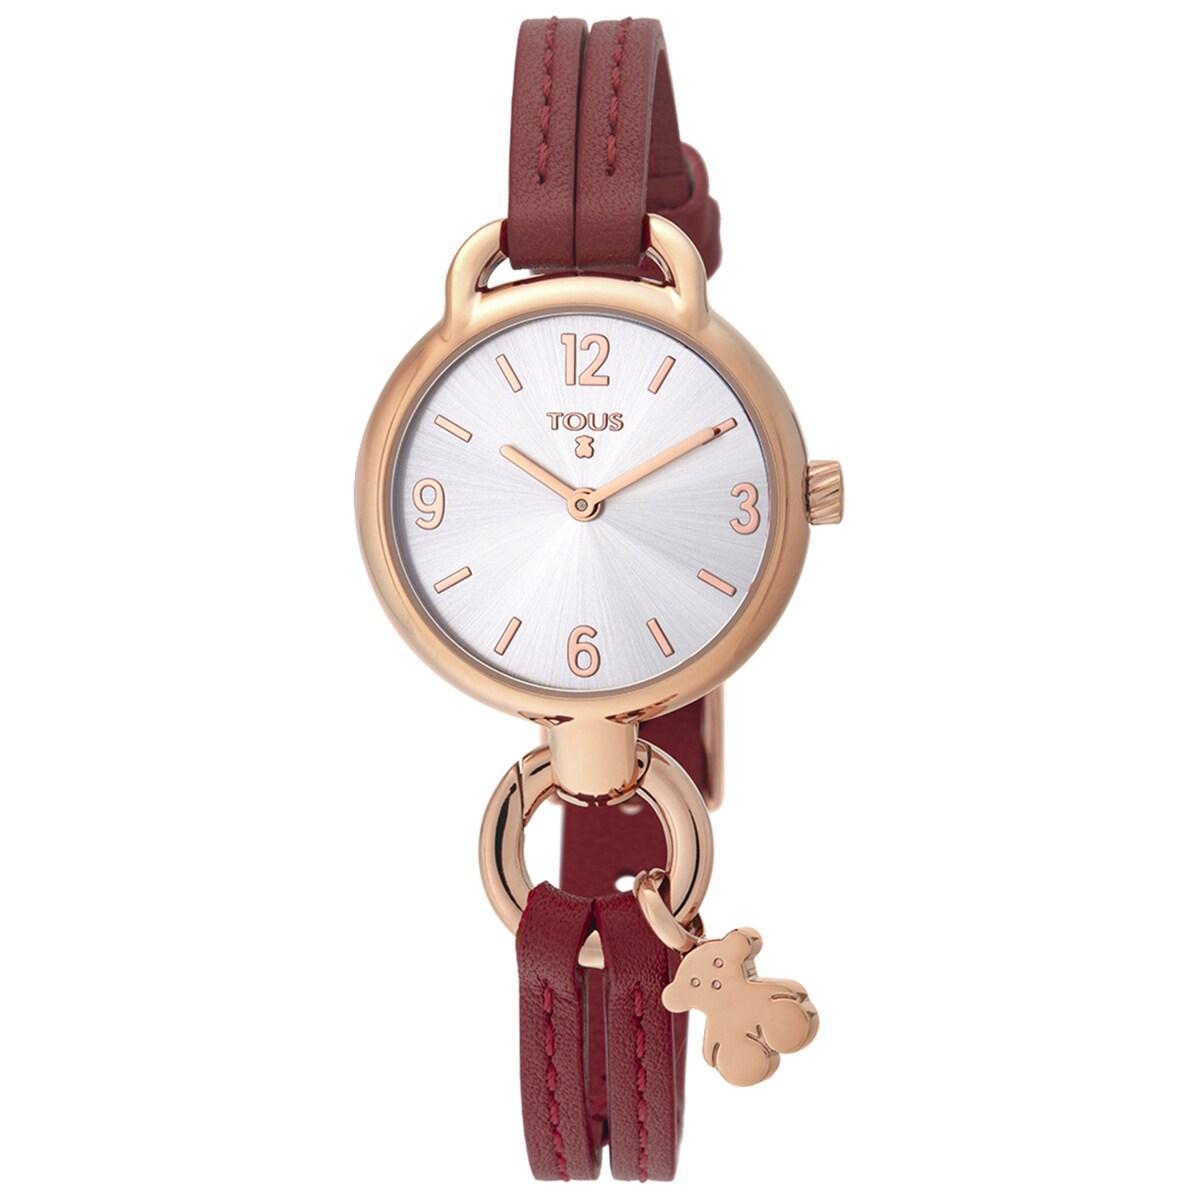 Ρολόι Hold από Ατσάλι με επιμετάλλωση σε ροζ χρώμα με κόκκινο Δερμάτινο λουράκι